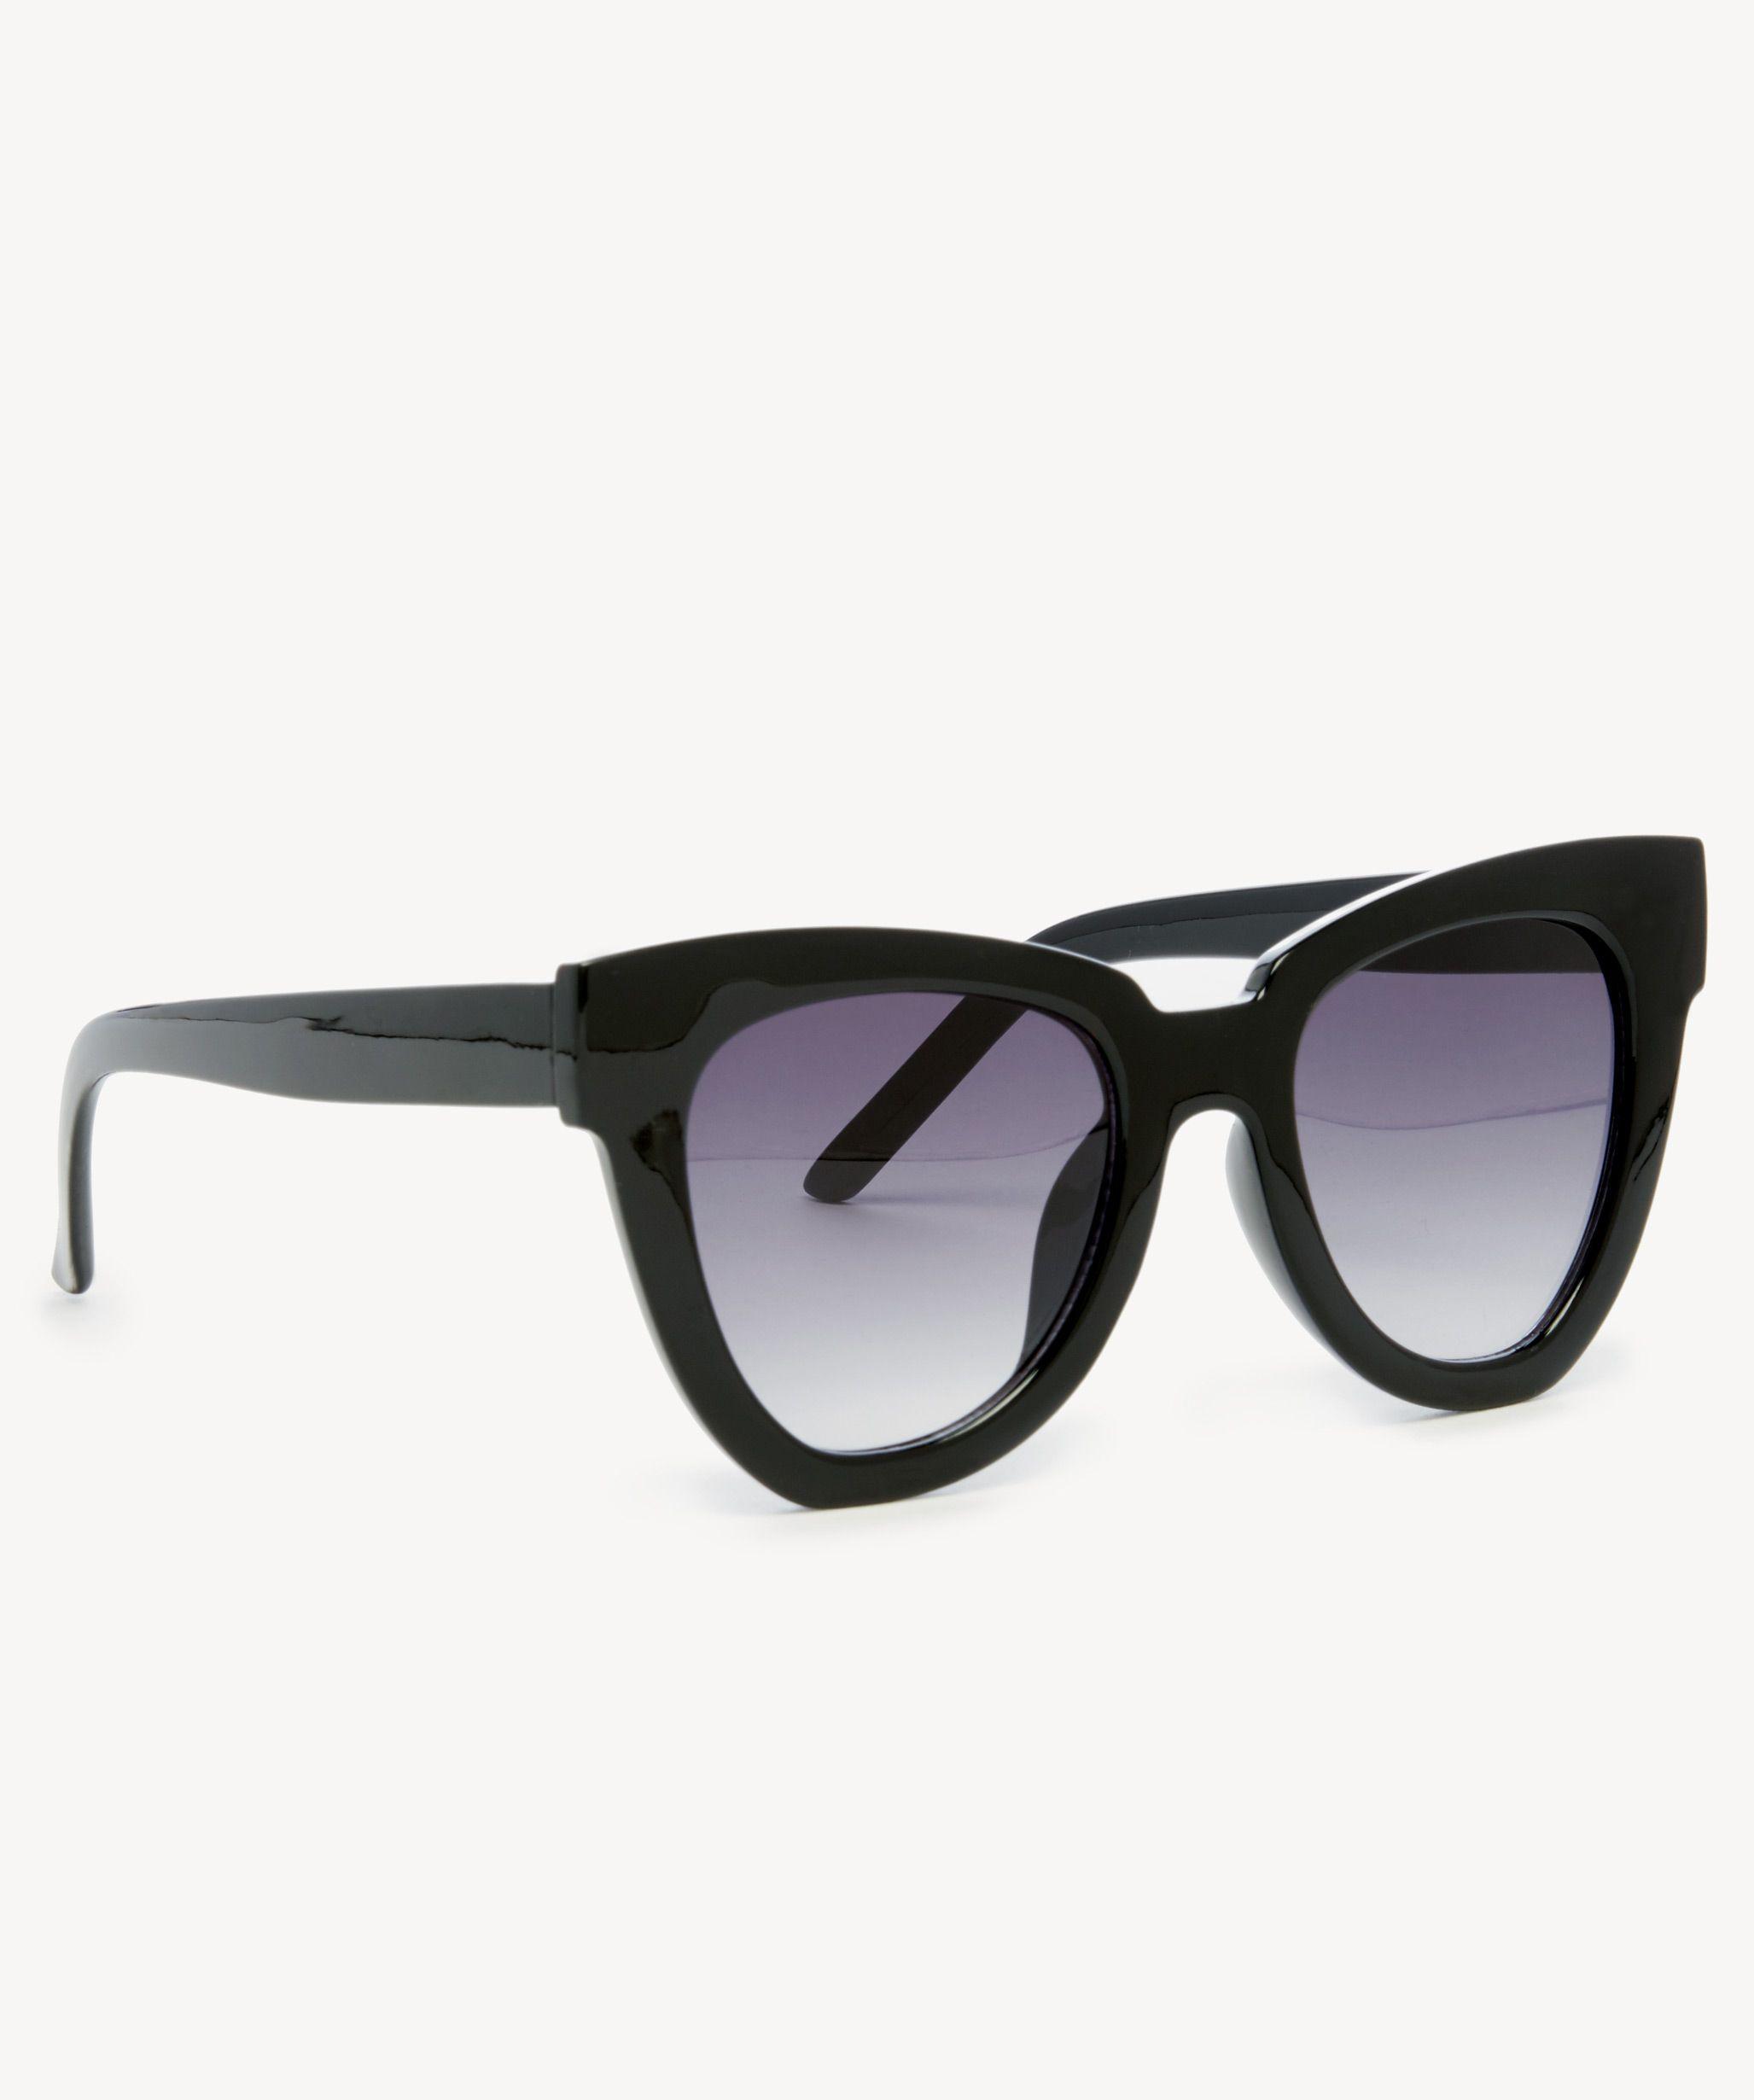 87906c0b36 Women s Phip Oversize Cat Eye Sunglasses Black